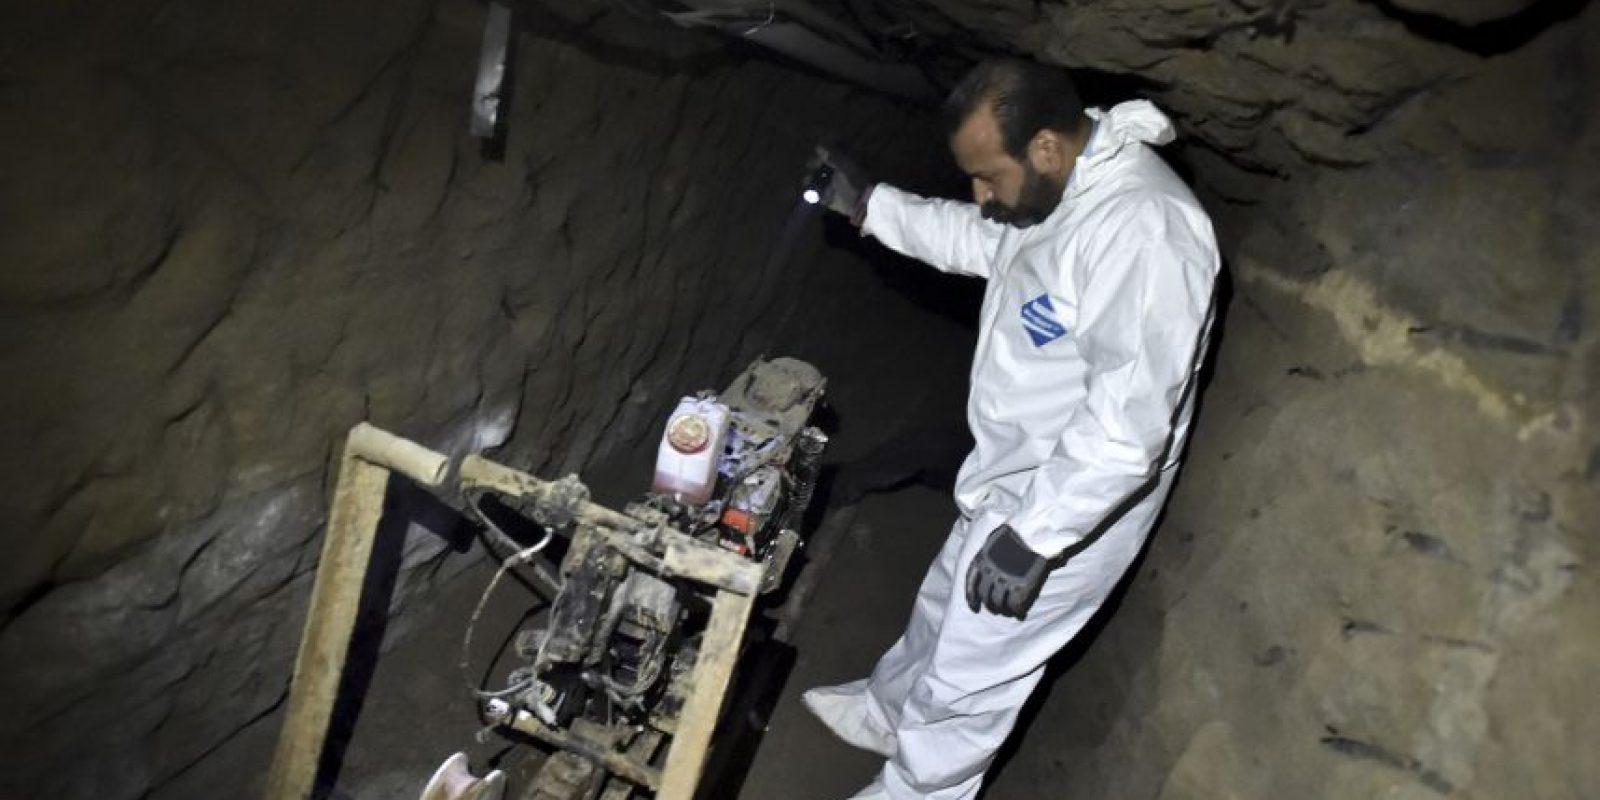 Utilizó una motocicleta de tracción en el túnel para huir Foto:AFP